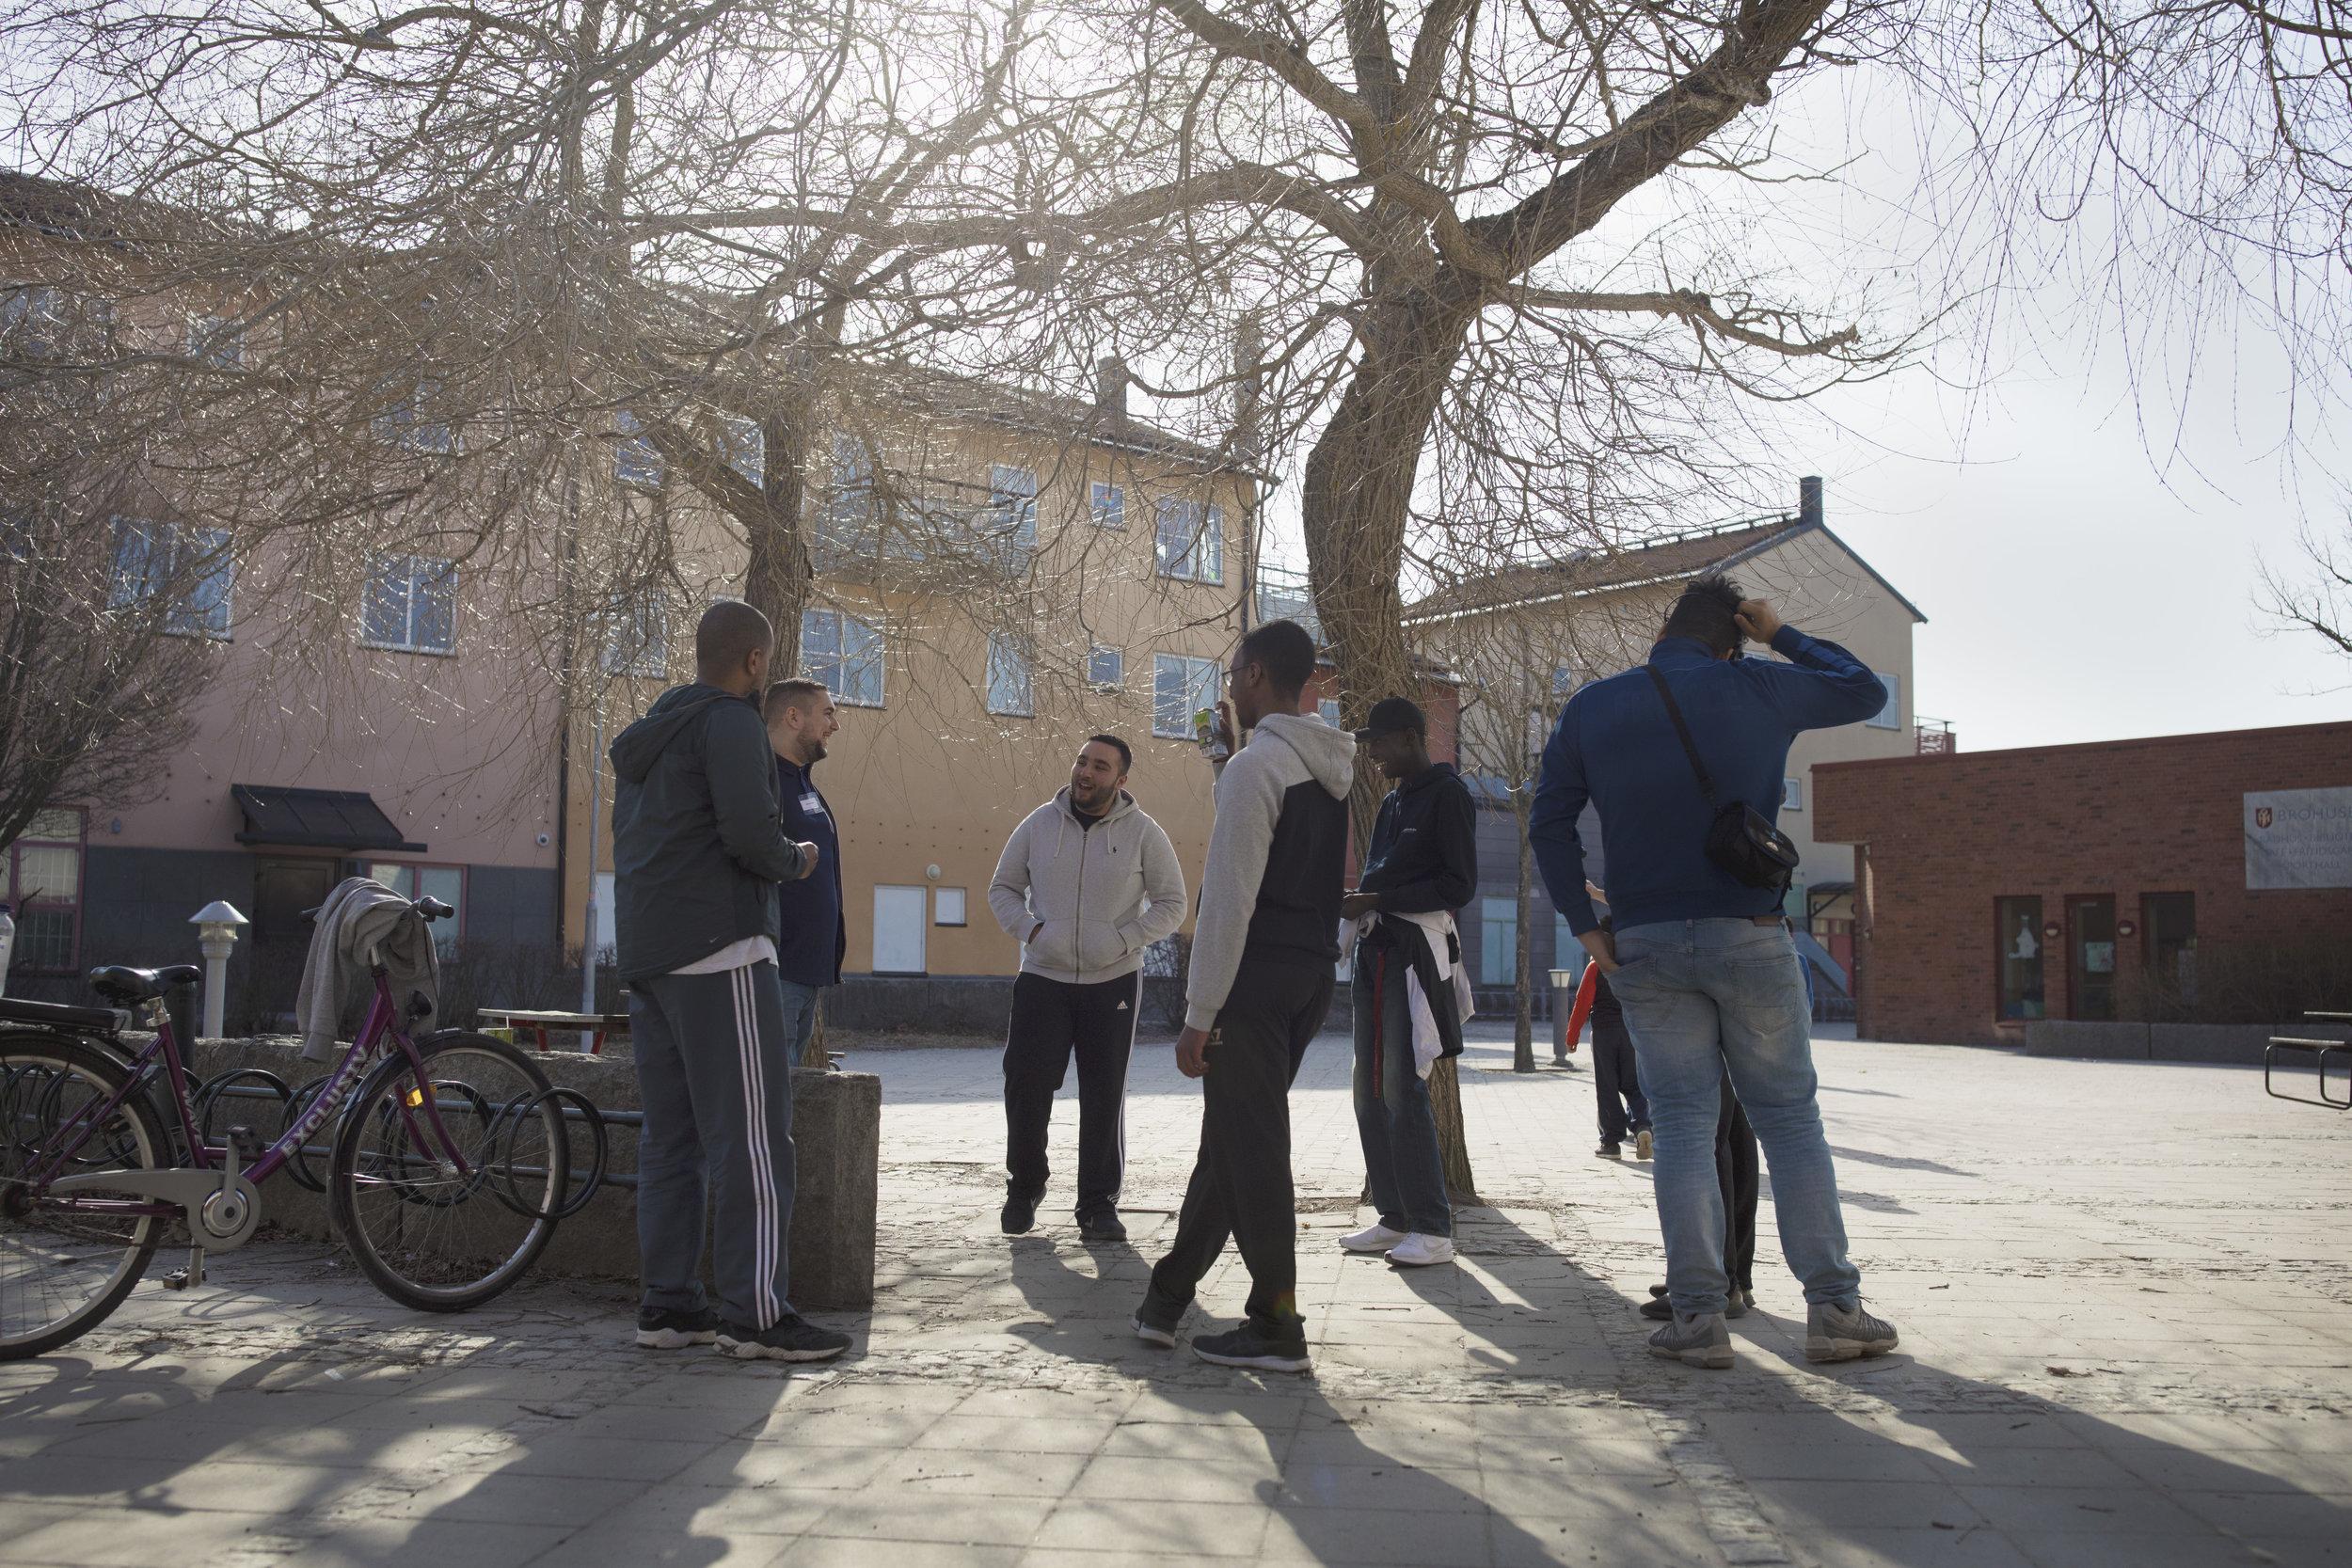 fritidsledare och ungdomar i samtal på torget i bro